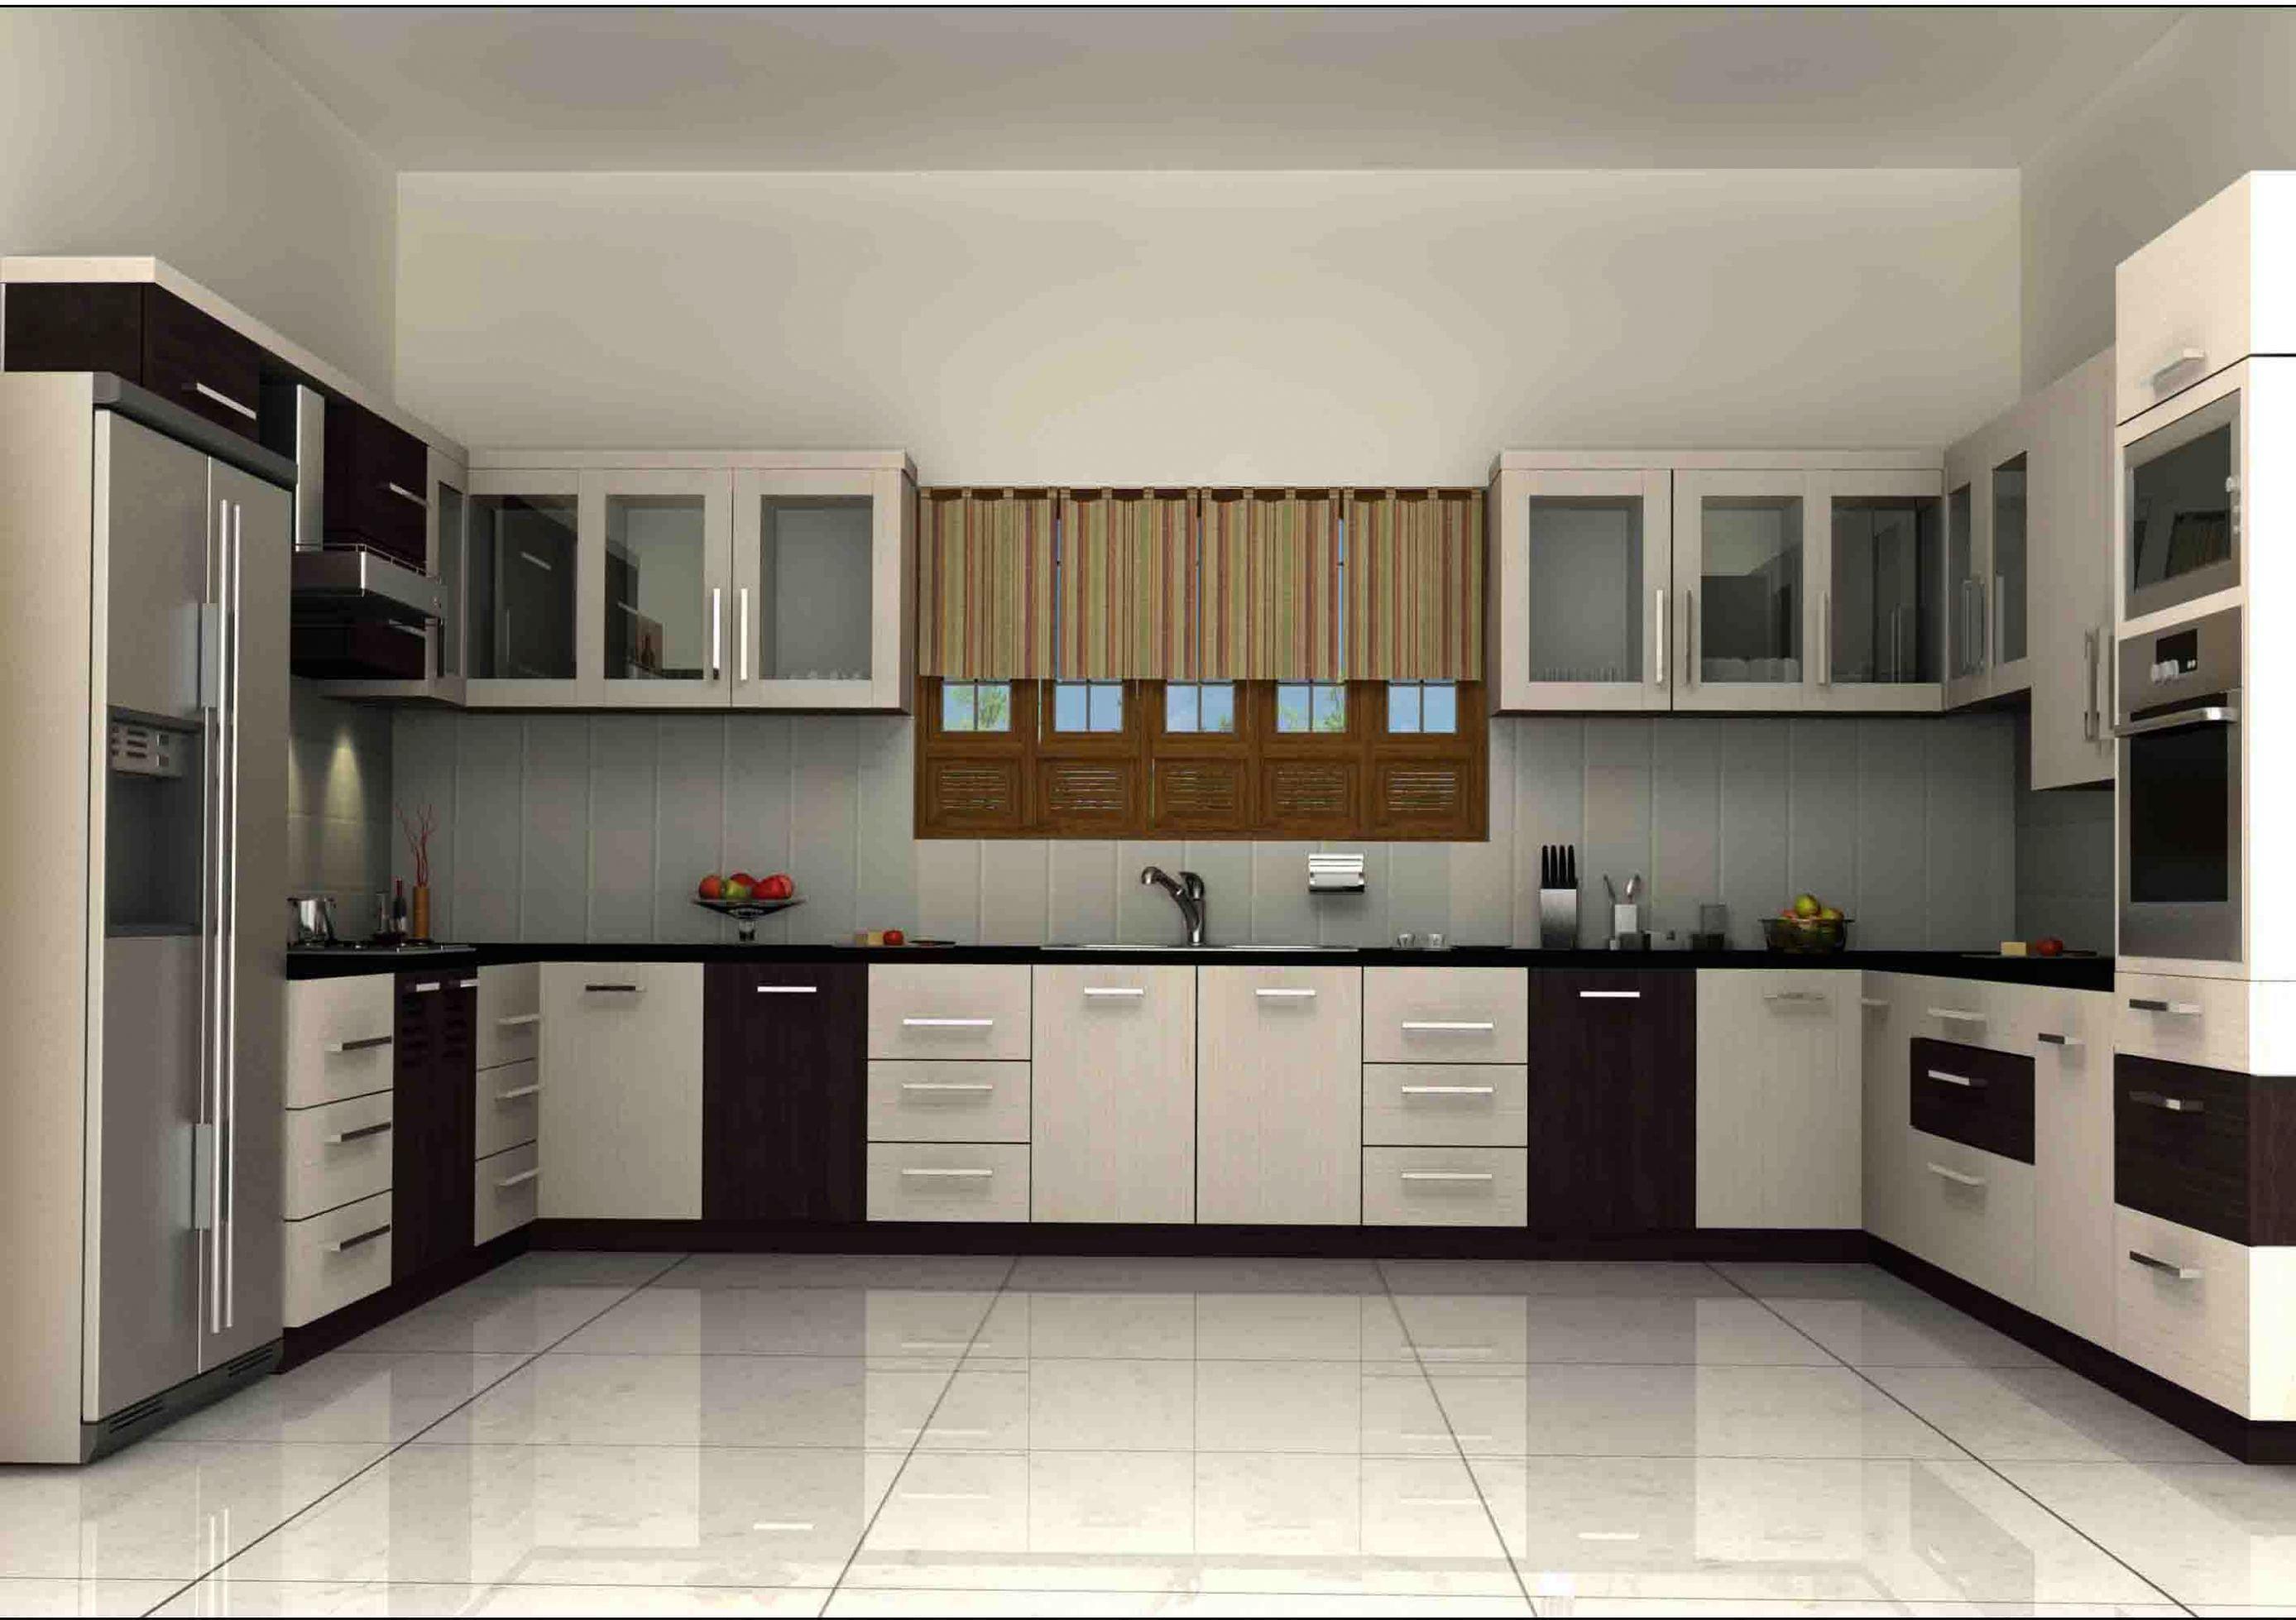 kitchen interior designs photos india  Interior design kitchen